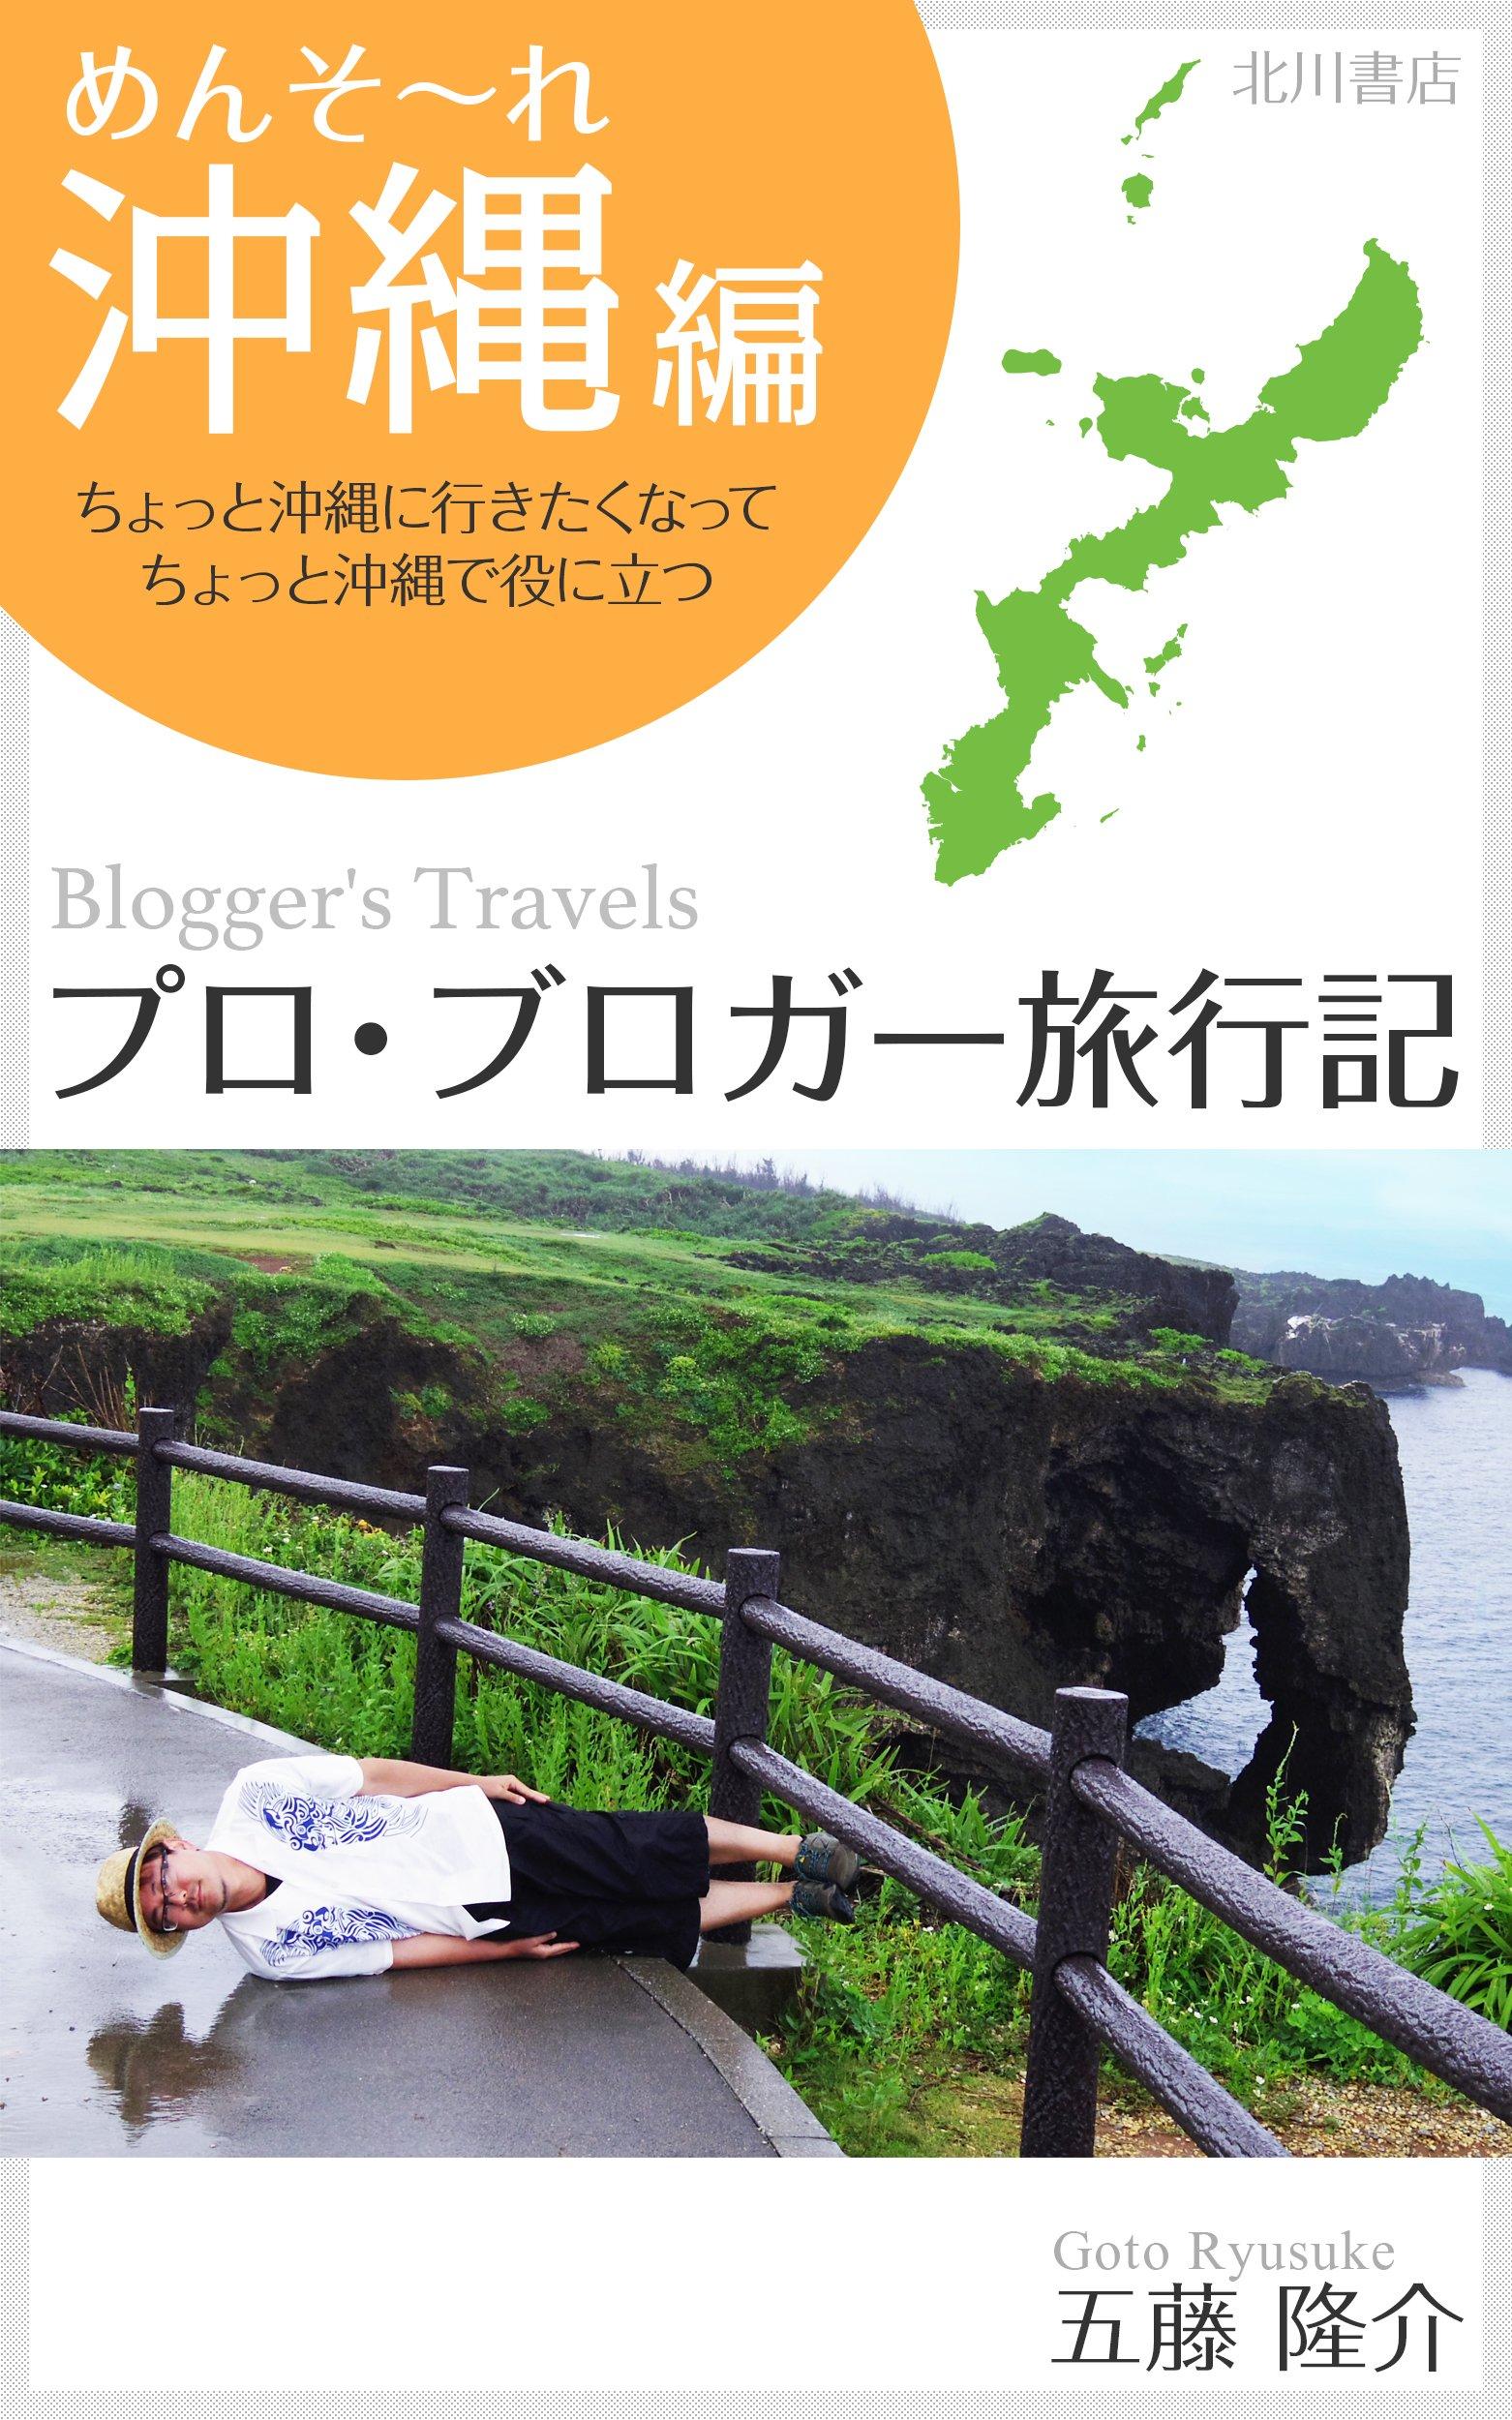 プロ・ブロガー旅行記 沖縄編